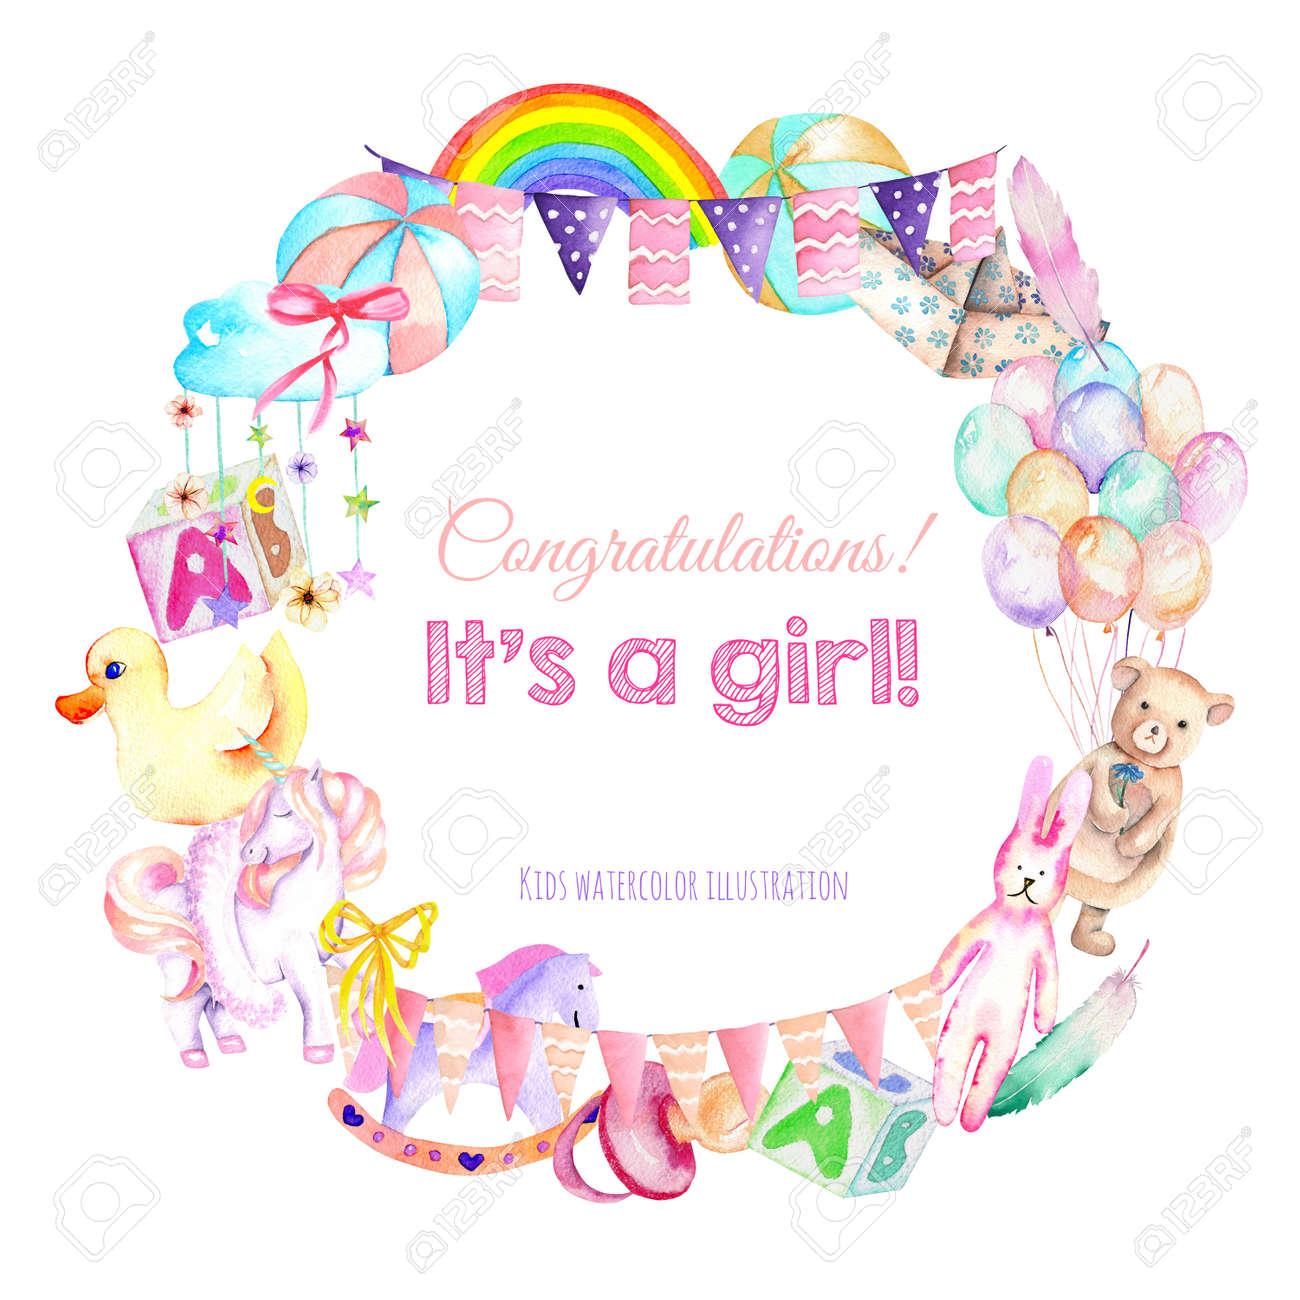 Guirnalda, marco de la frontera de niña ducha elementos de acuarela (juguetes, globos de aire, arco iris, pezón, plumas y otros), pintados a mano ...